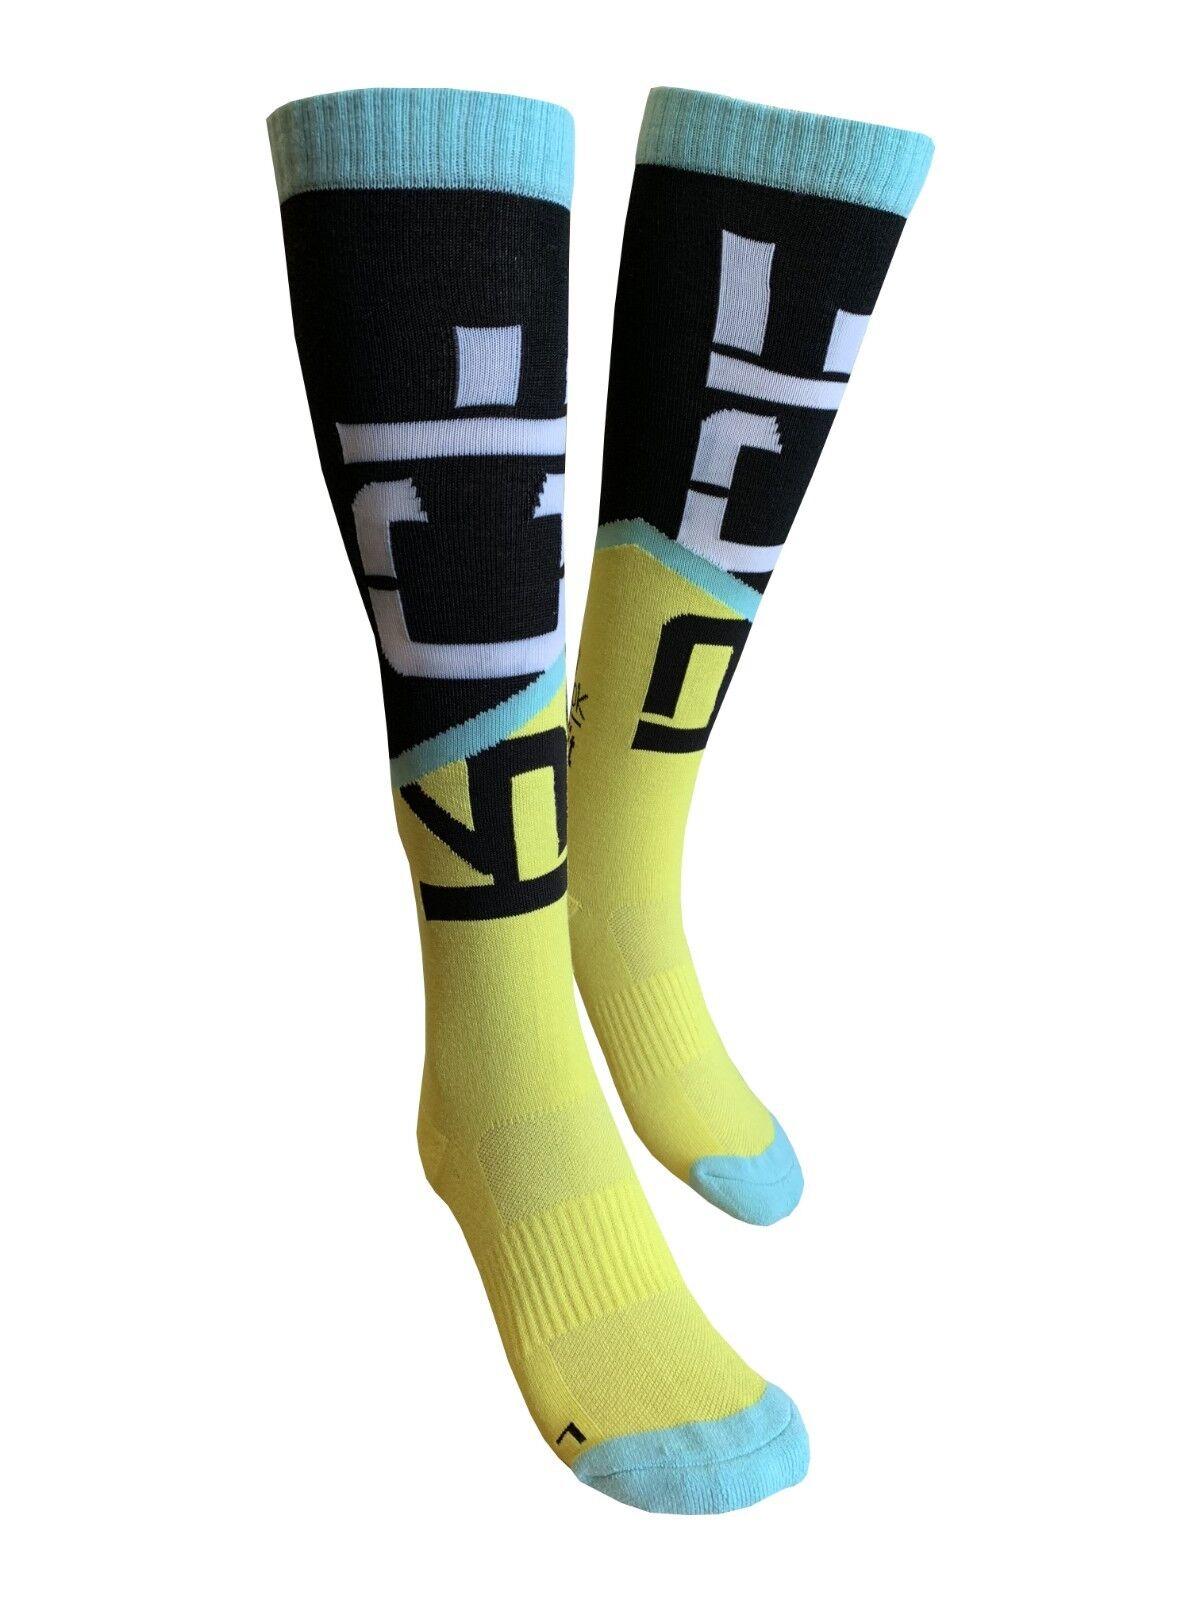 3x Reebok Crossfit Sport Damen Socken Socks CF W Knee Sock Gr 35,5-38 39-42 NEU